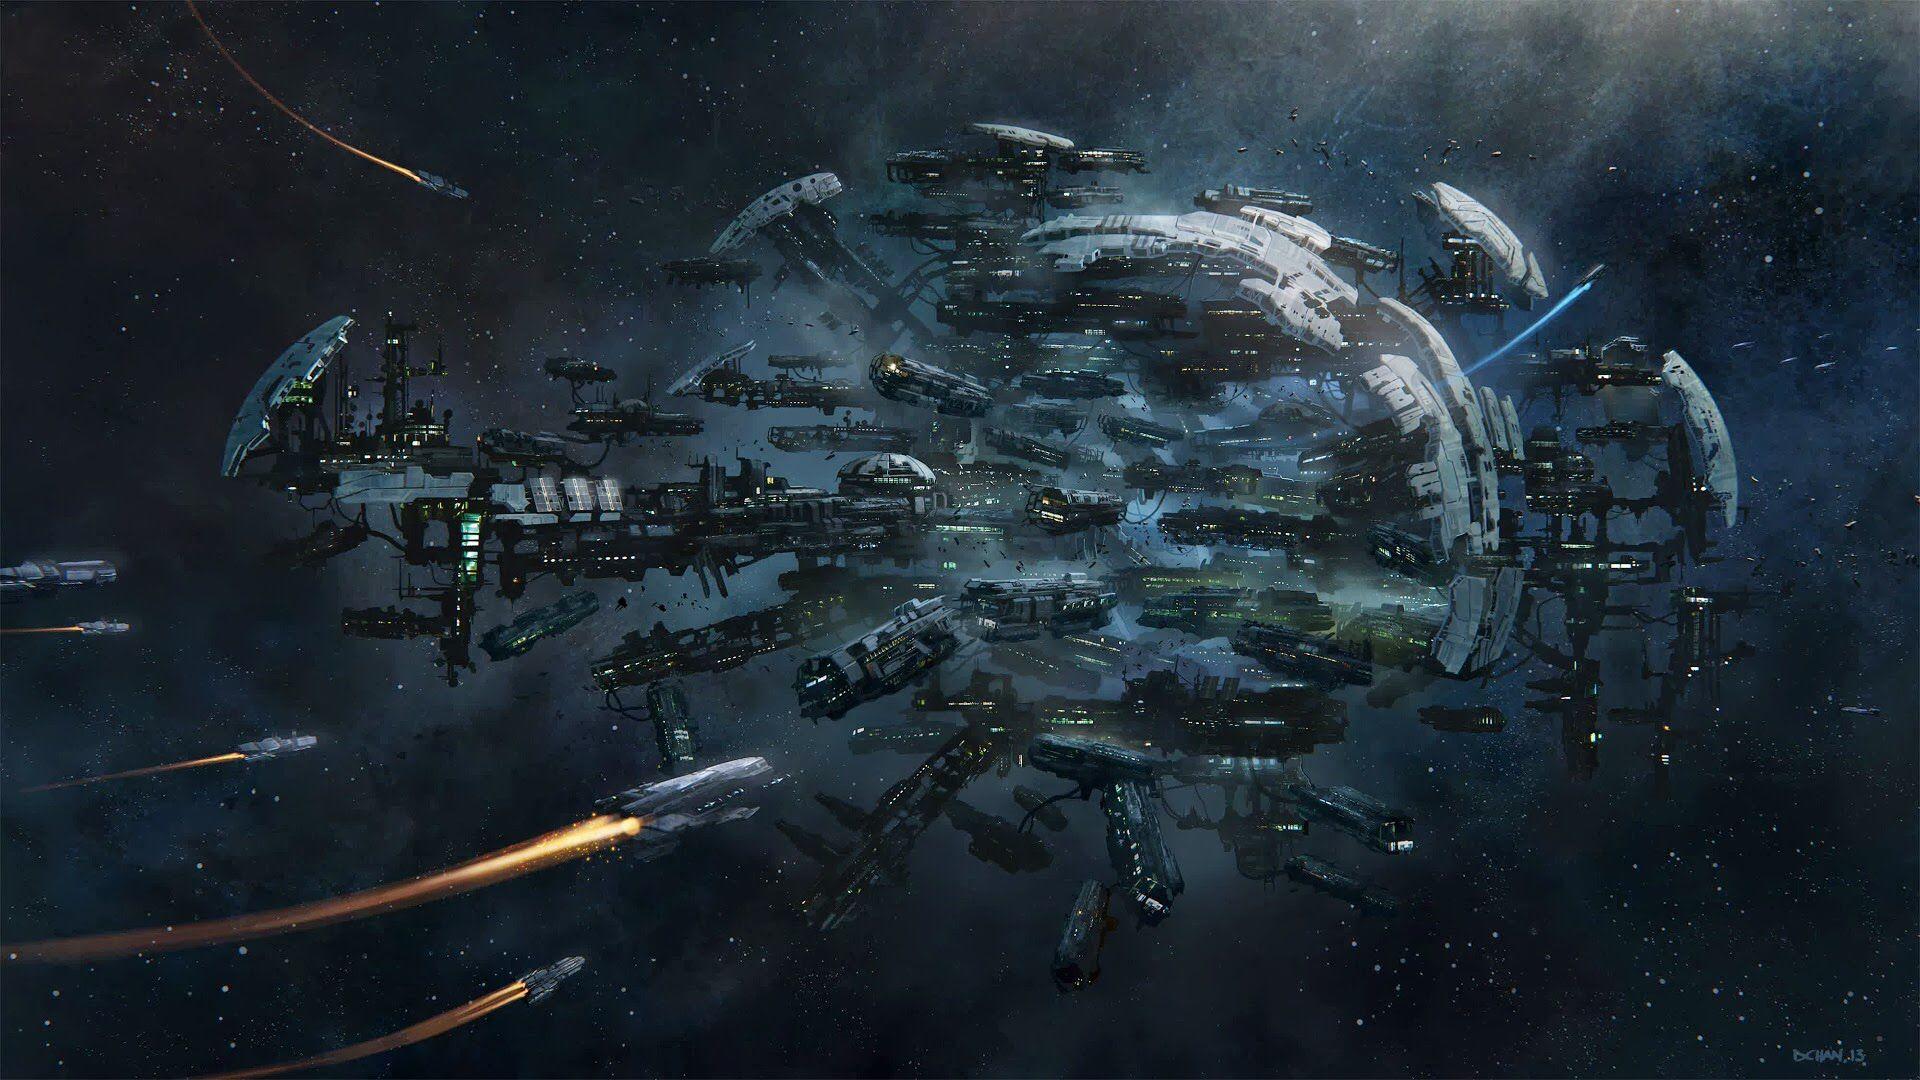 Star Citizen Ships Background hd wallpaper, Star citizen